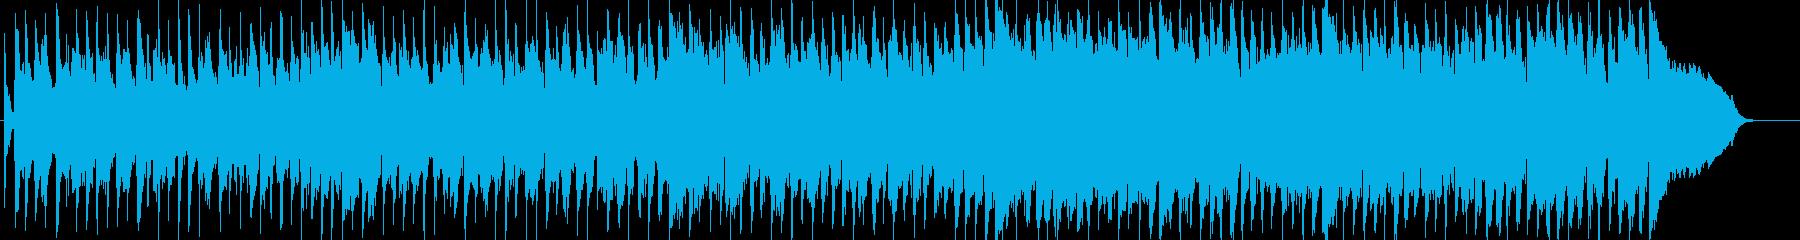 海を思わせる軽快なロックの再生済みの波形